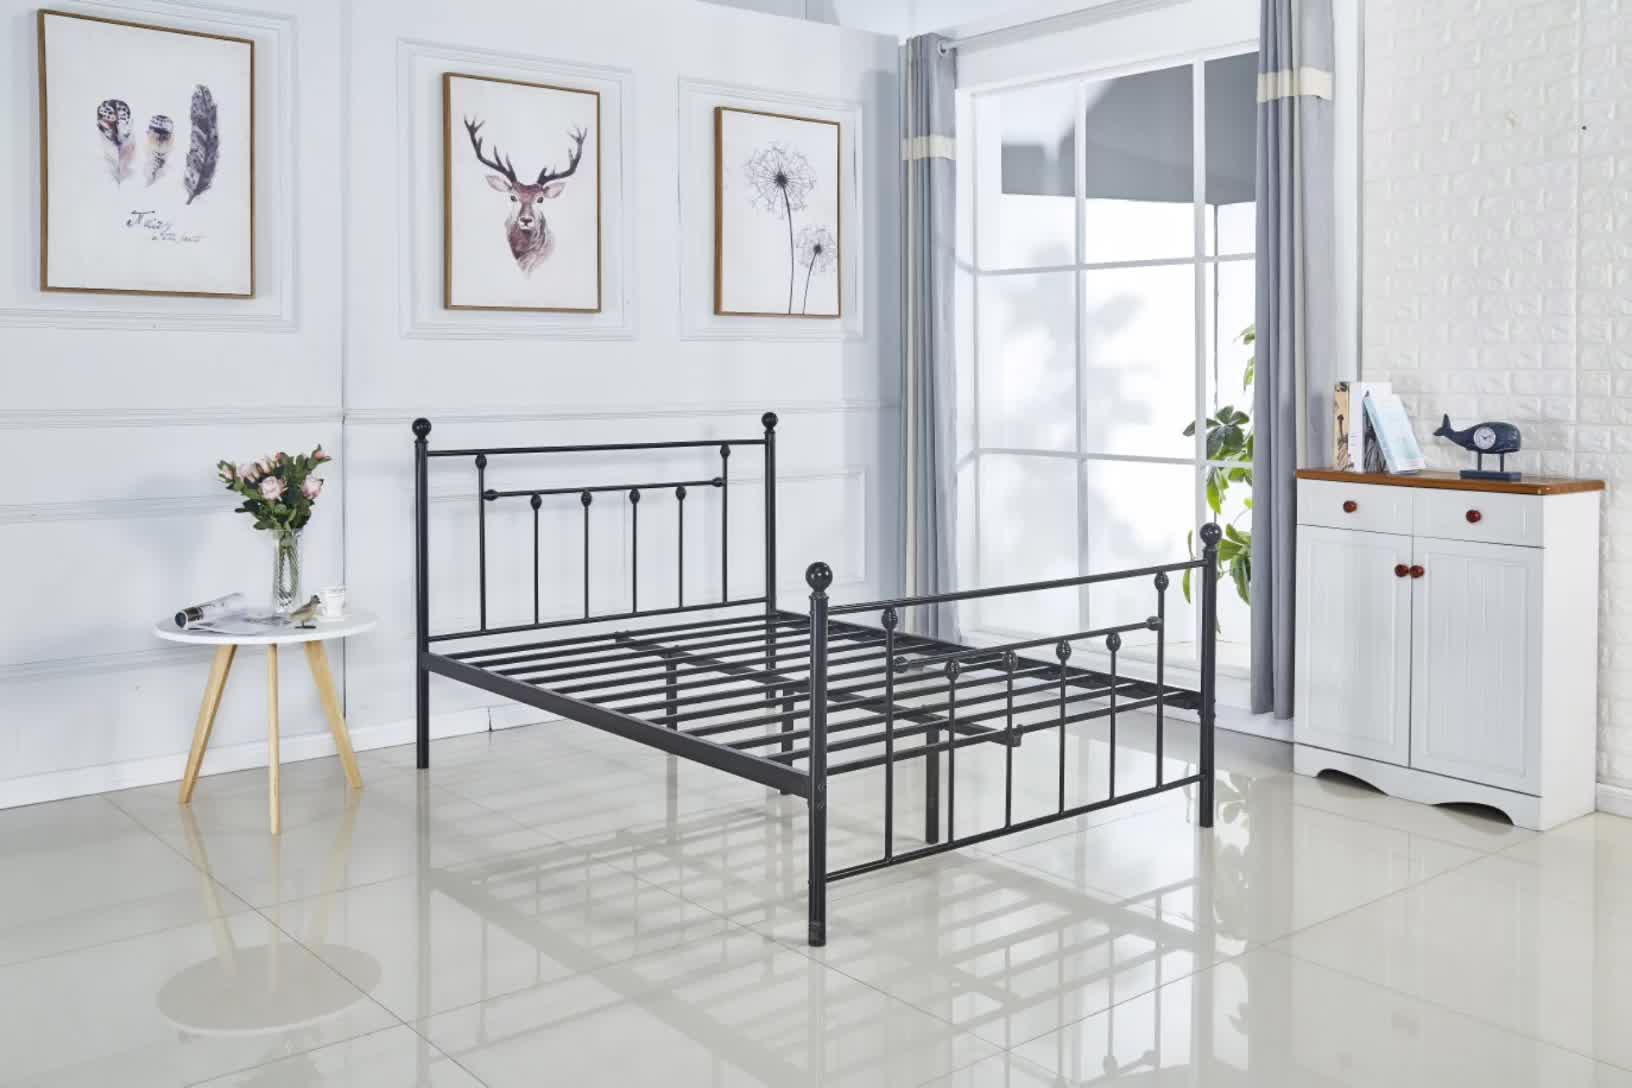 Кровать двуспальная металлическая кровать для взрослых металлическая кровать для матраса фундамент платформа